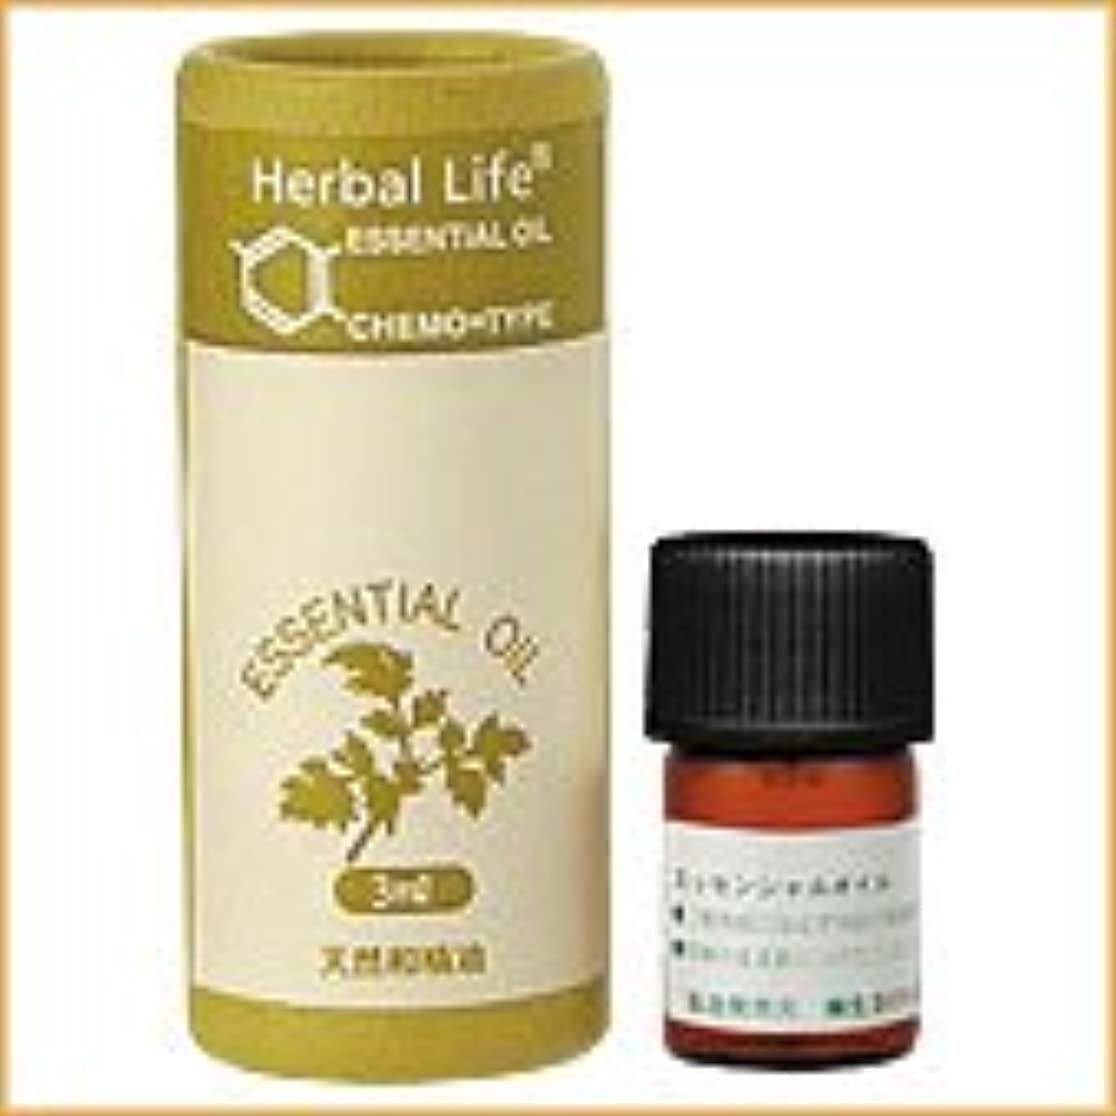 アウトドア専門用語命令的生活の木 アロマオイル ヒノキ 3ml (Tree of Life Essential Oil/エッセンシャルオイル)